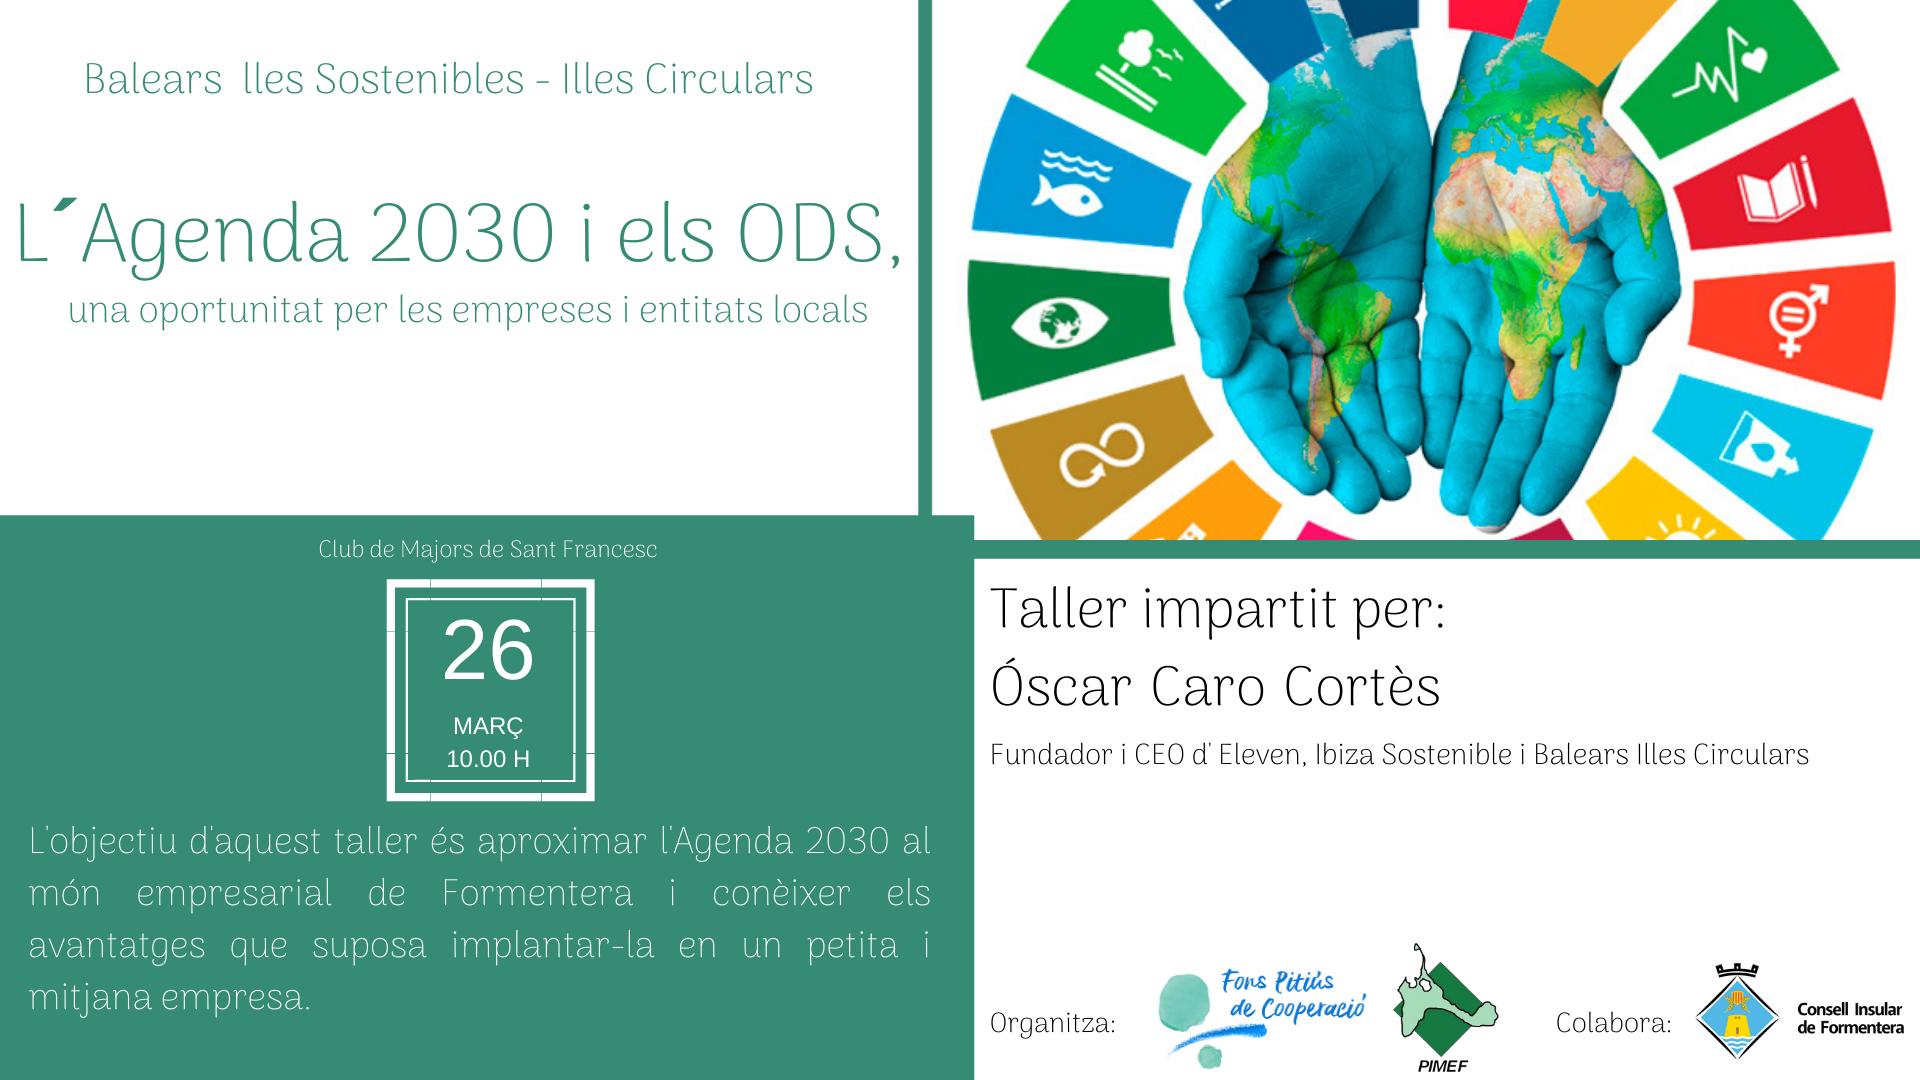 Taller en Formentera. Balears Illes Sostenibles - Illes Circulars L´Agenda 2030 i els ODS, oportunitat per les empreses i entitats